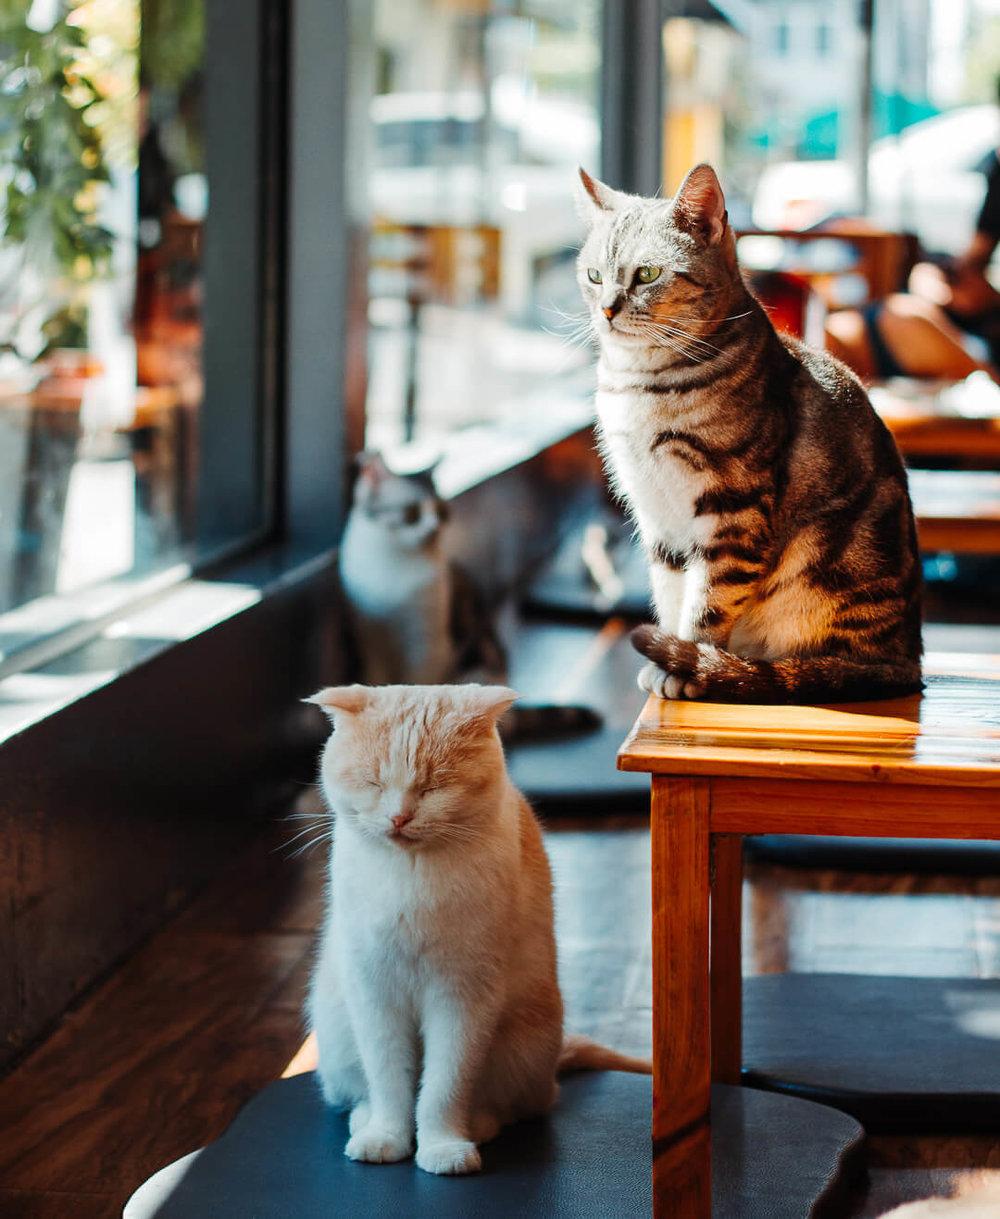 chiang_rai_cat_cafe.jpg